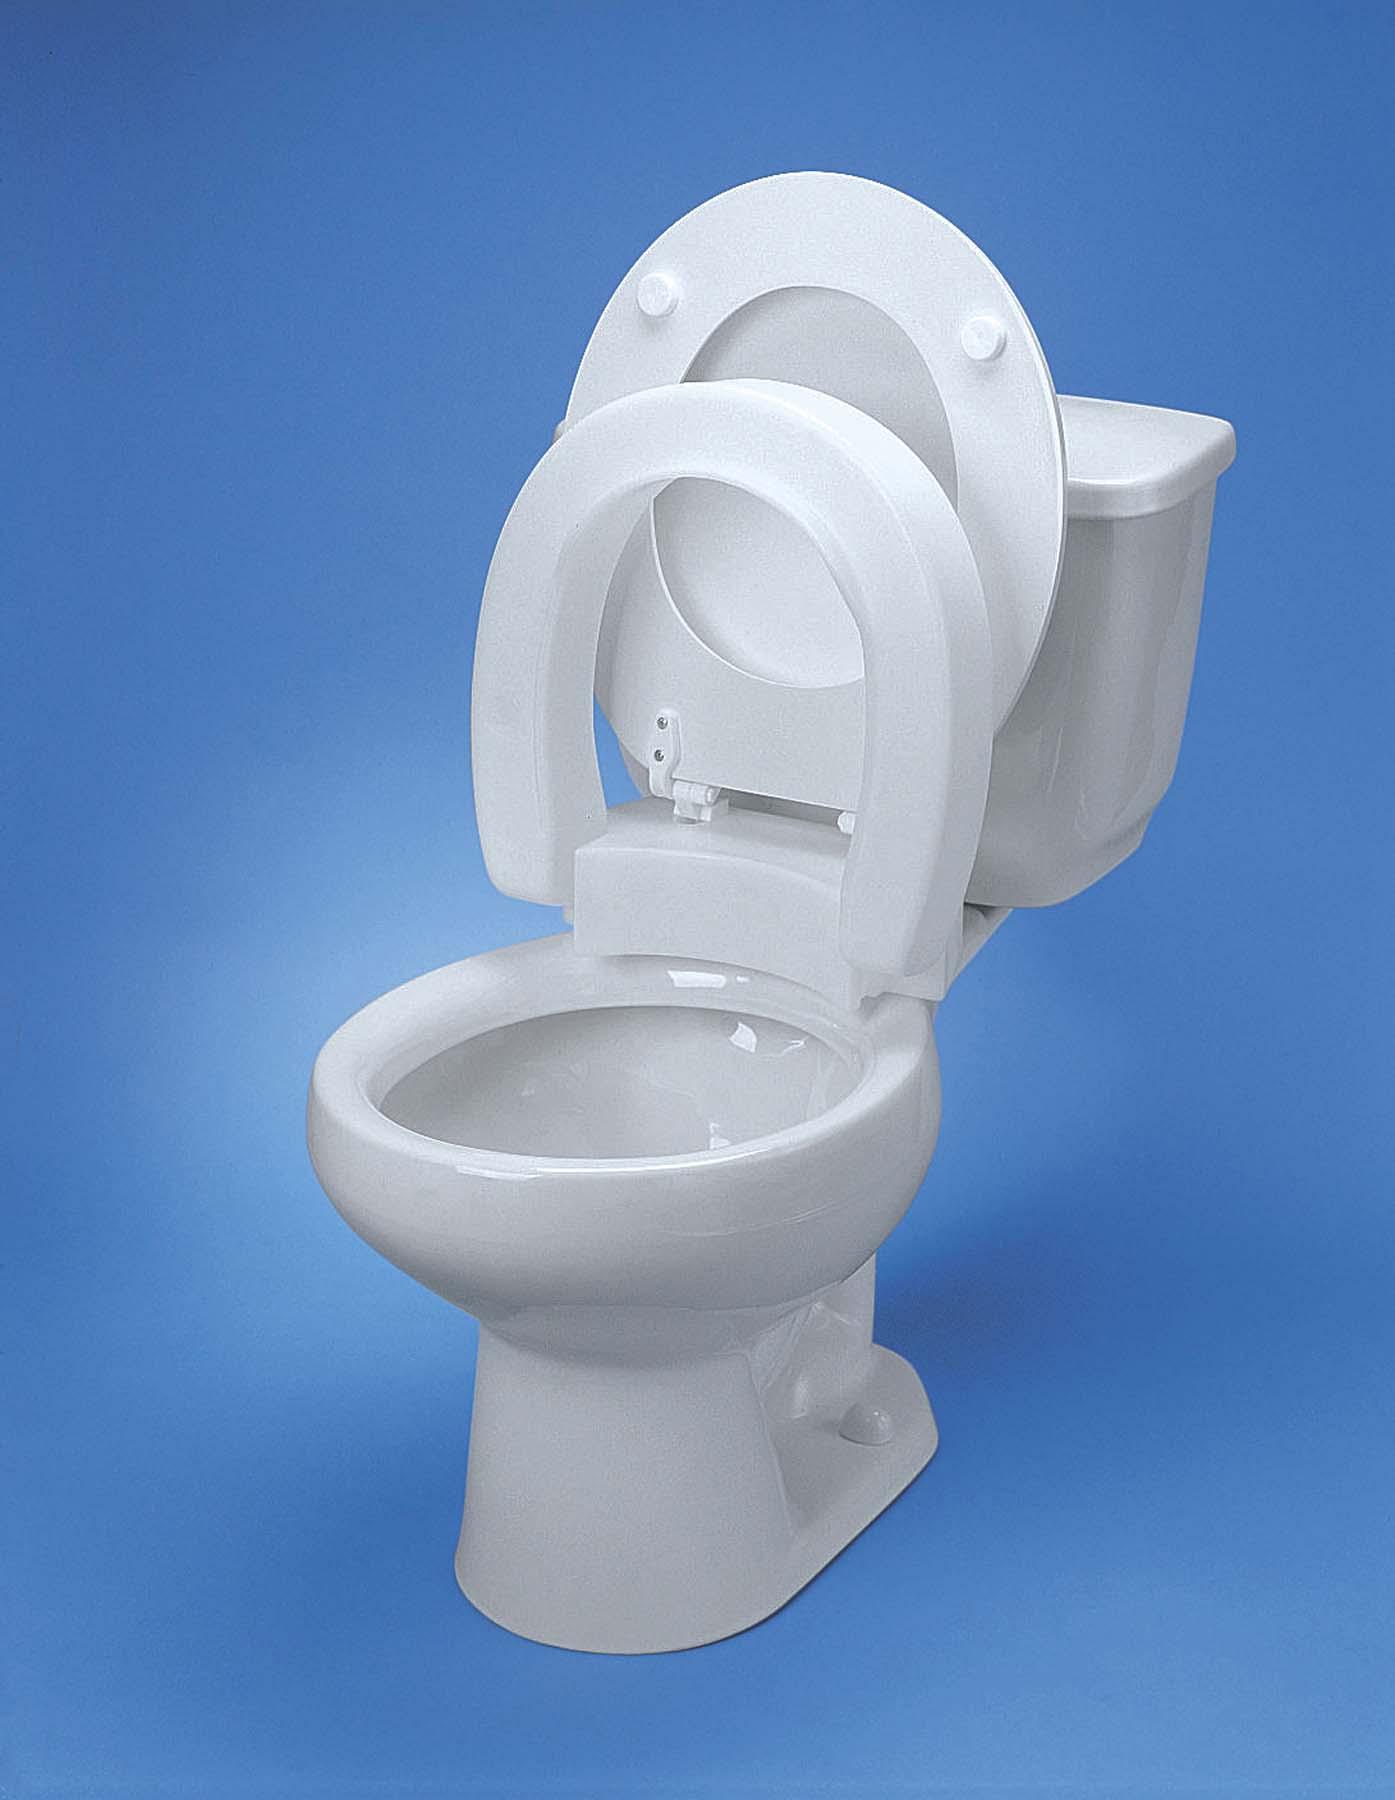 standard-hinged-toilet-seat-641-2571-0000-lr-2.jpg